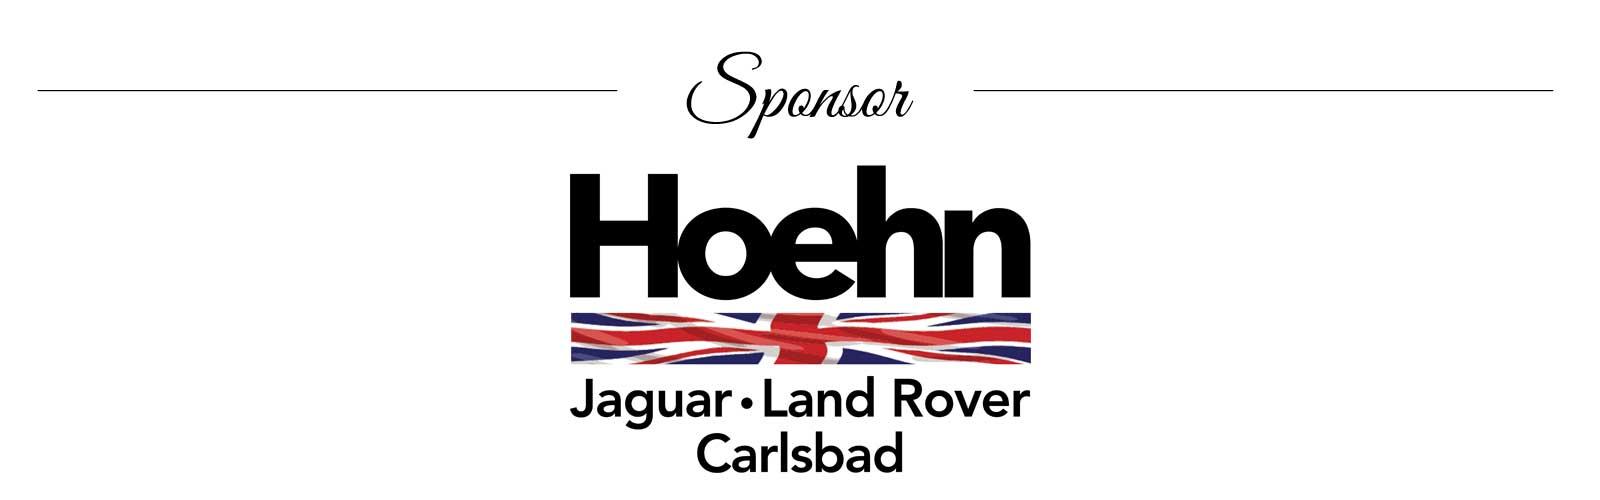 sponsor-hoehn